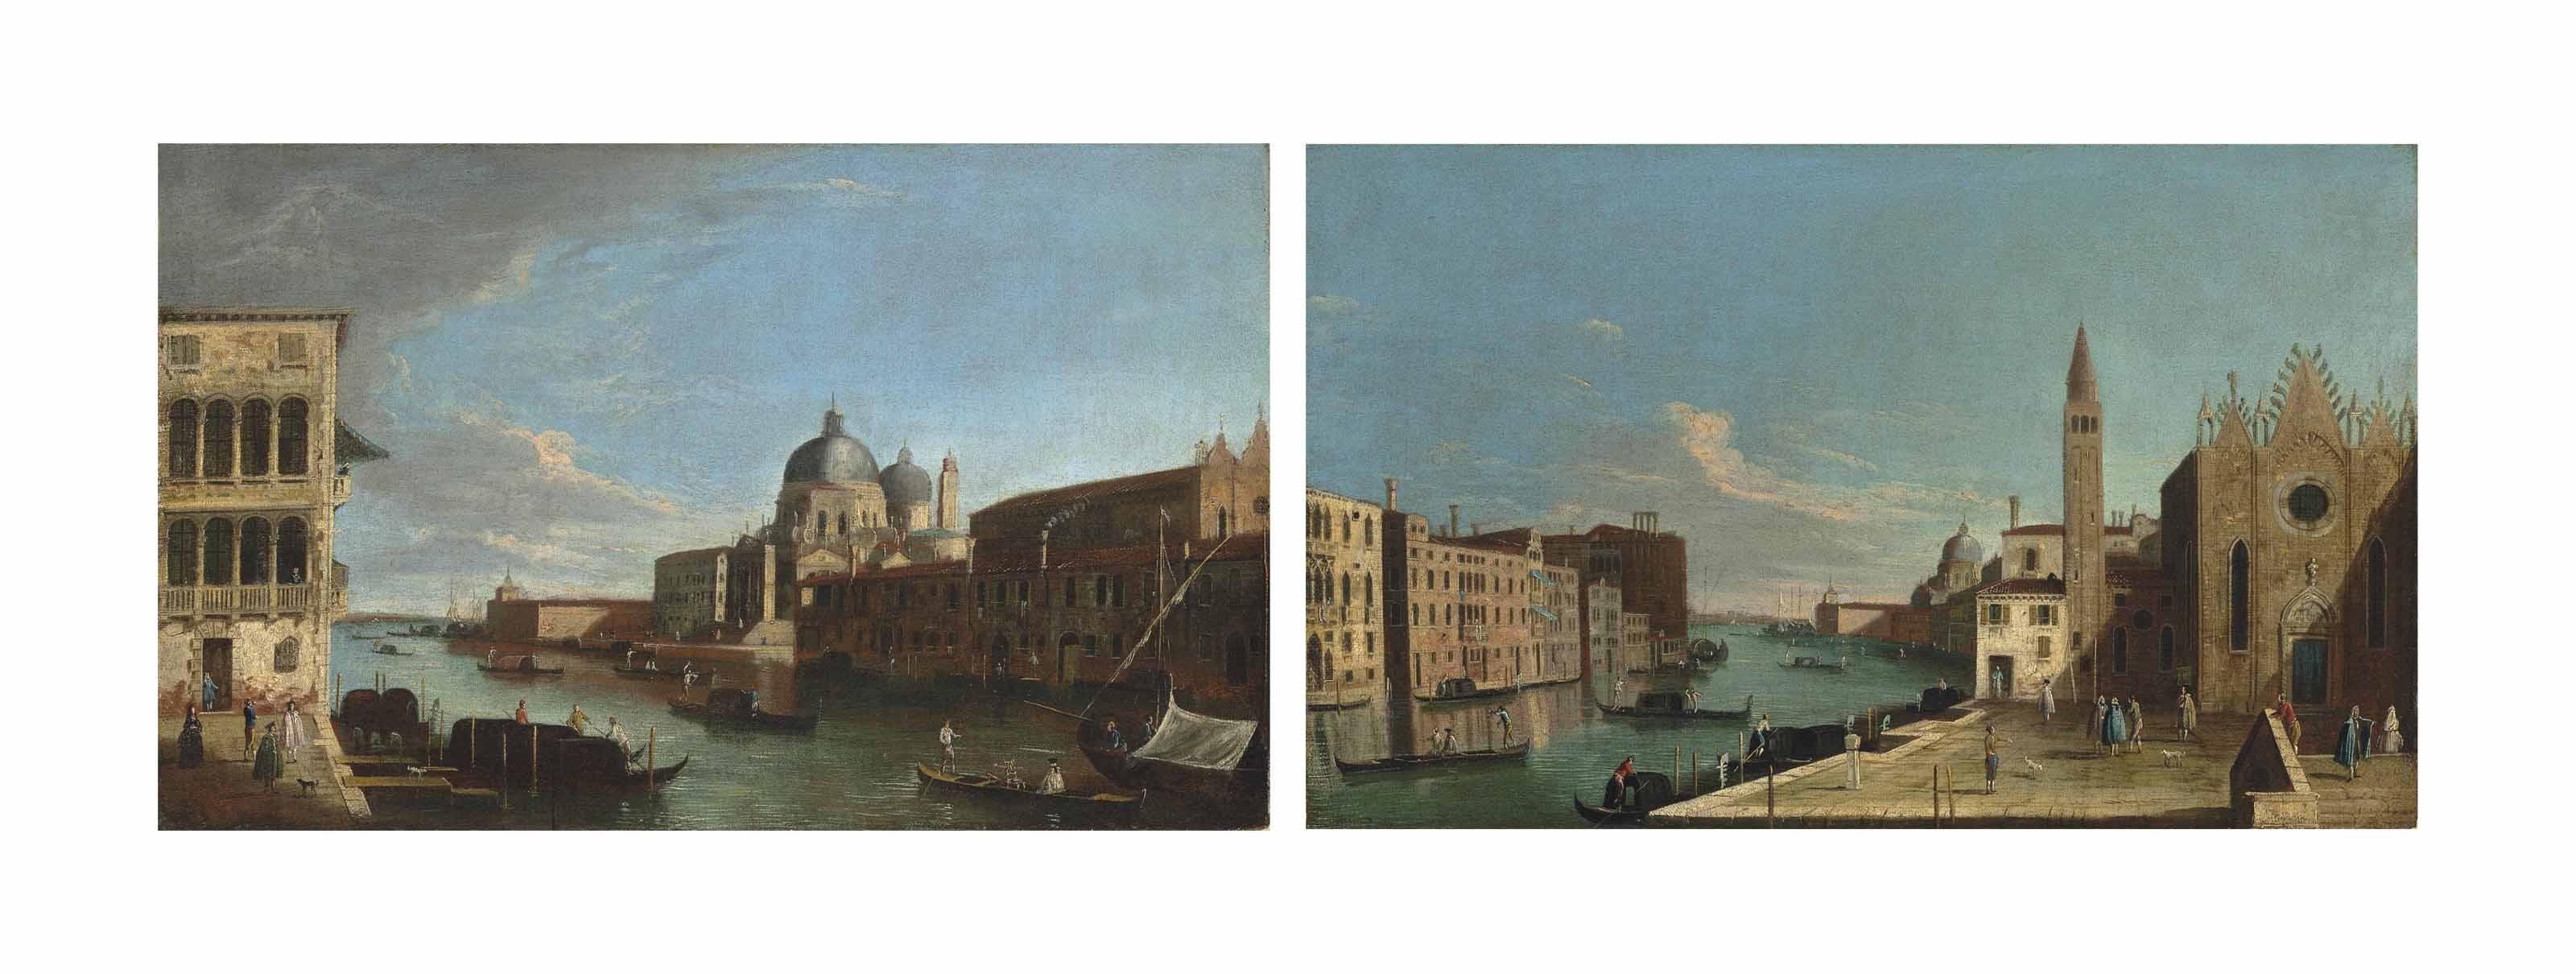 The Grand Canal, Venice, looking towards Santa Maria della Salute with the Punta della Dogana; and The Grand Canal, Venice, looking east with the Scuola della Carità